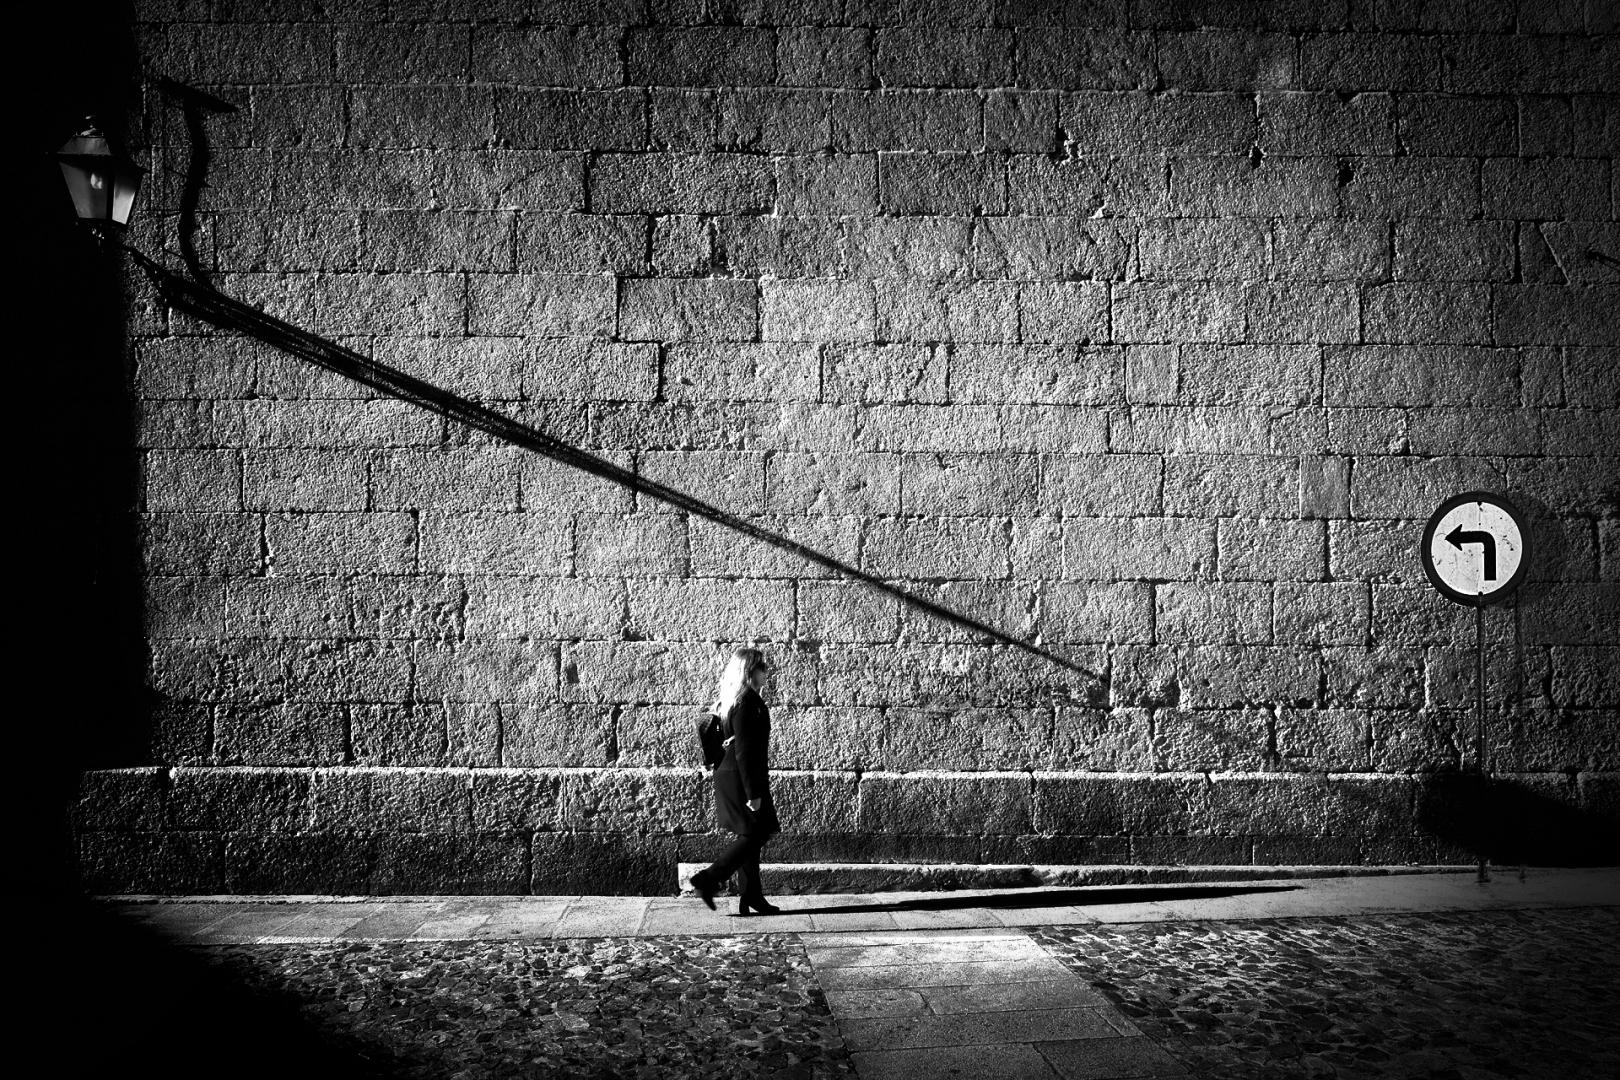 Fotografia de Rua/Circum-viagem